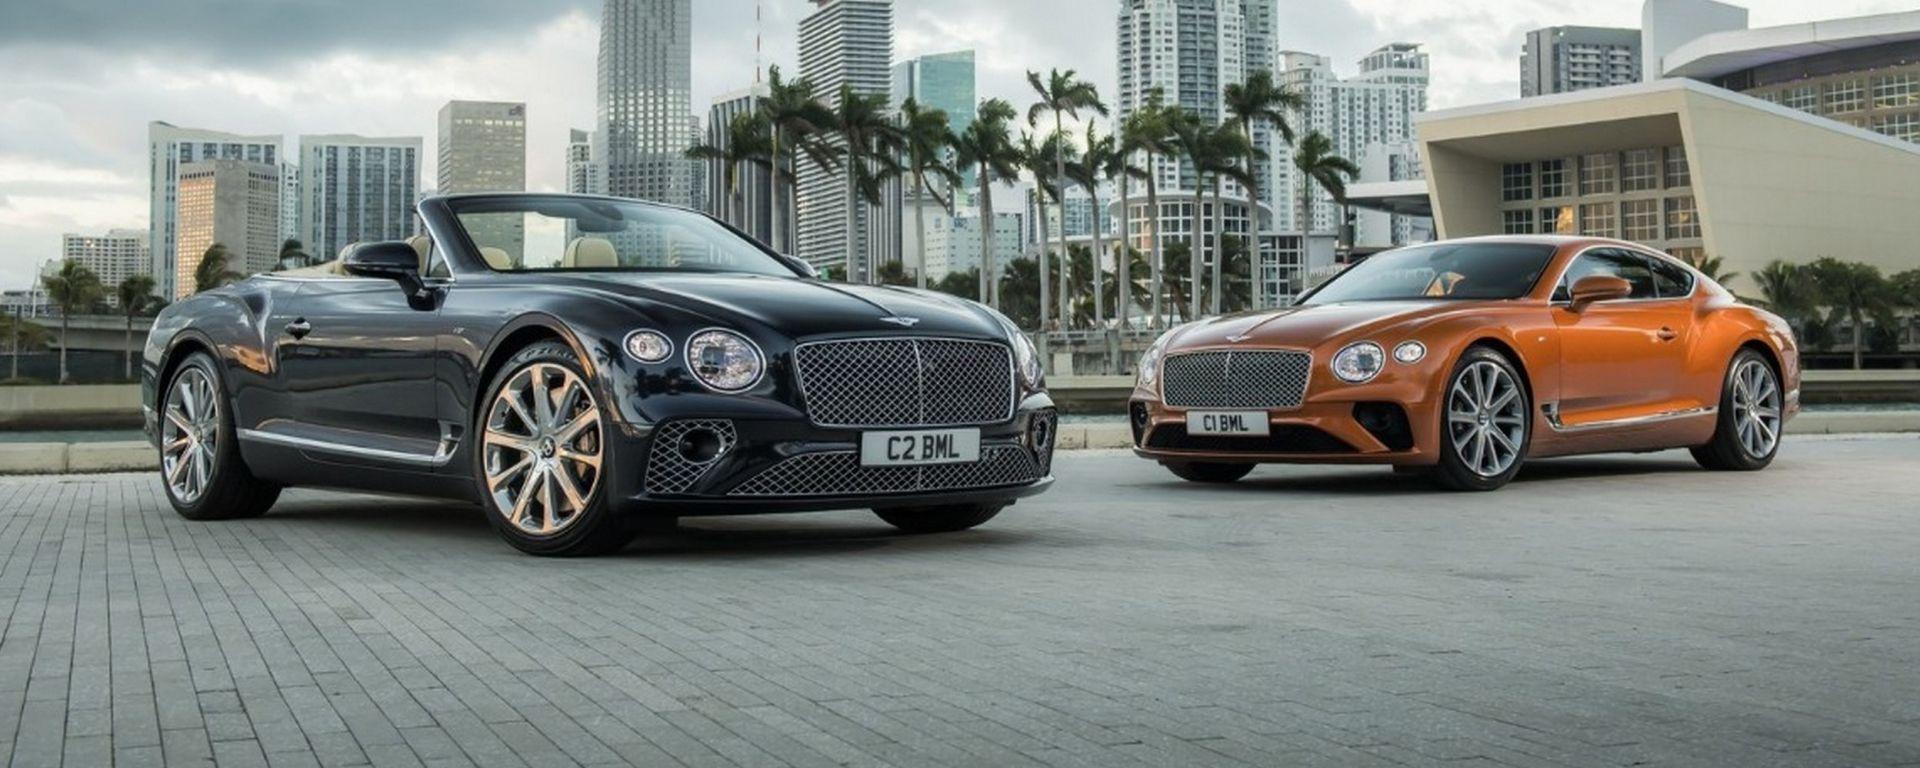 Bentley Continental GT 2019 novità sotto al cofano con il V8